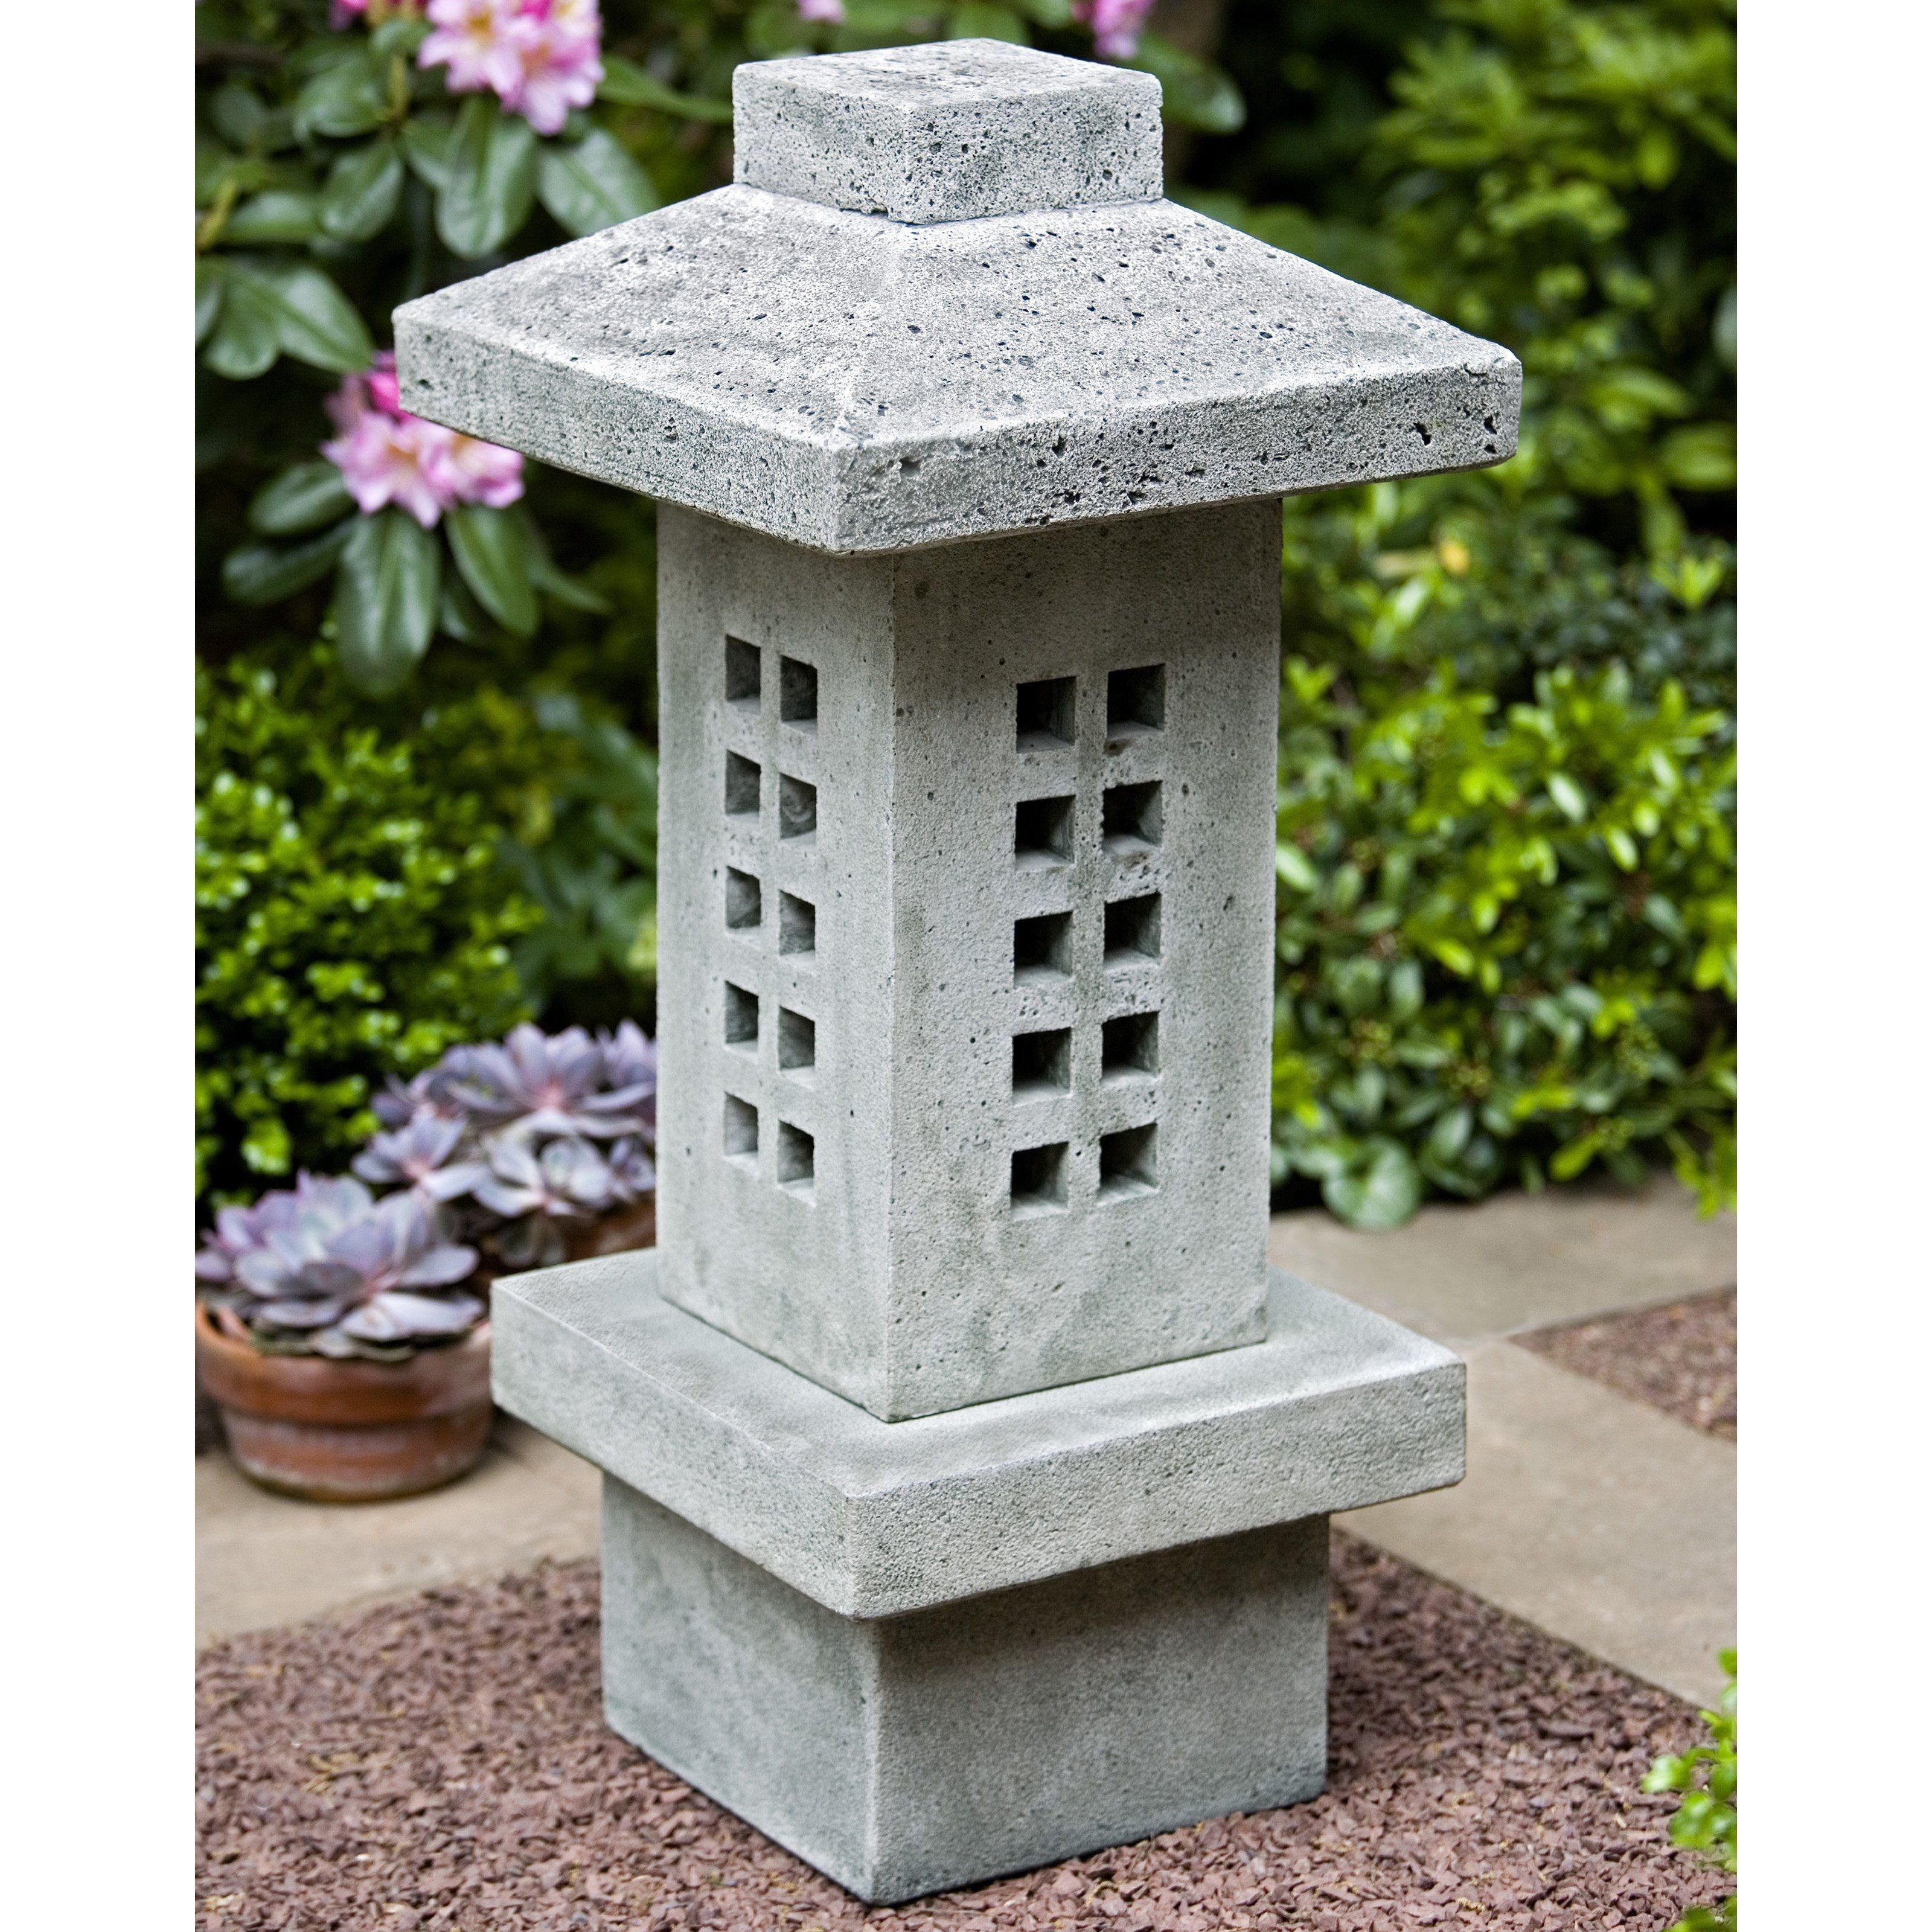 Minimalist Japanese Garden Ideas11